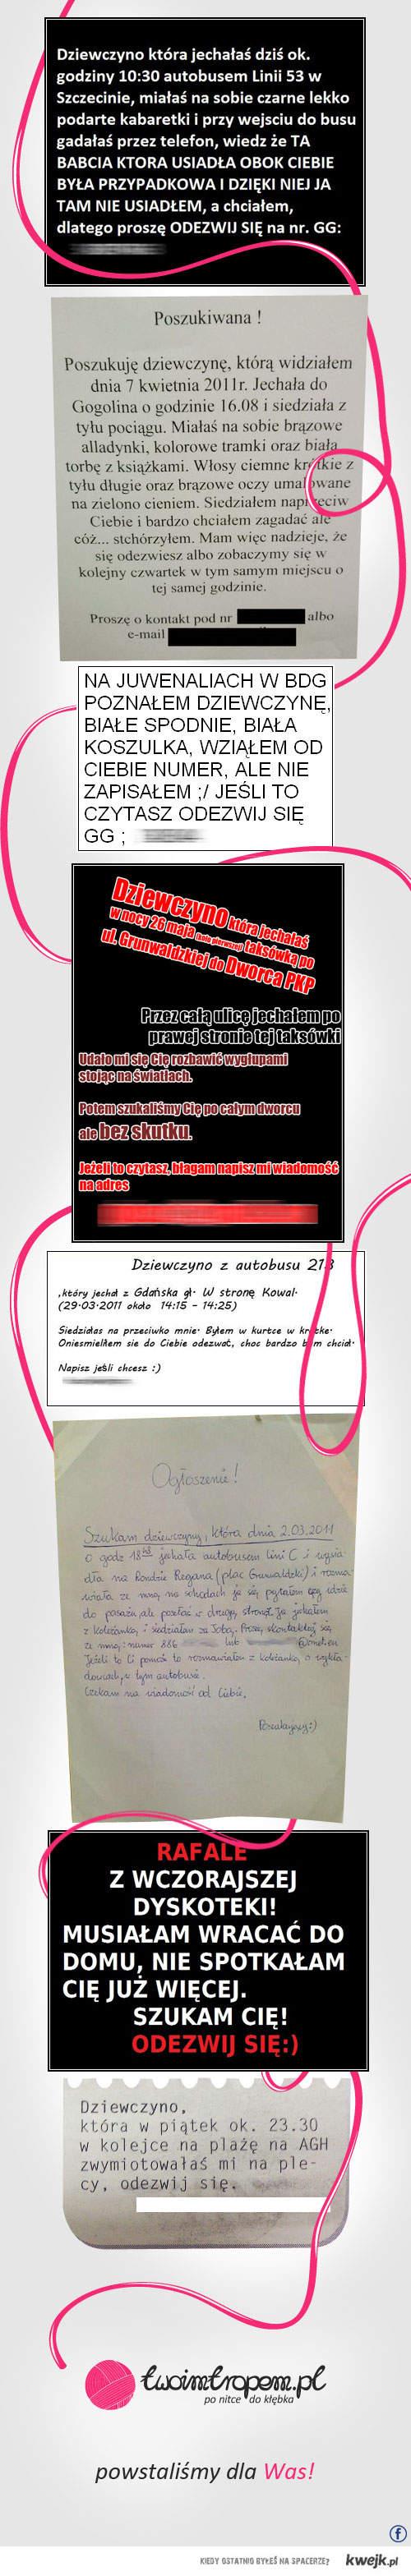 www.twoimtropem.pl